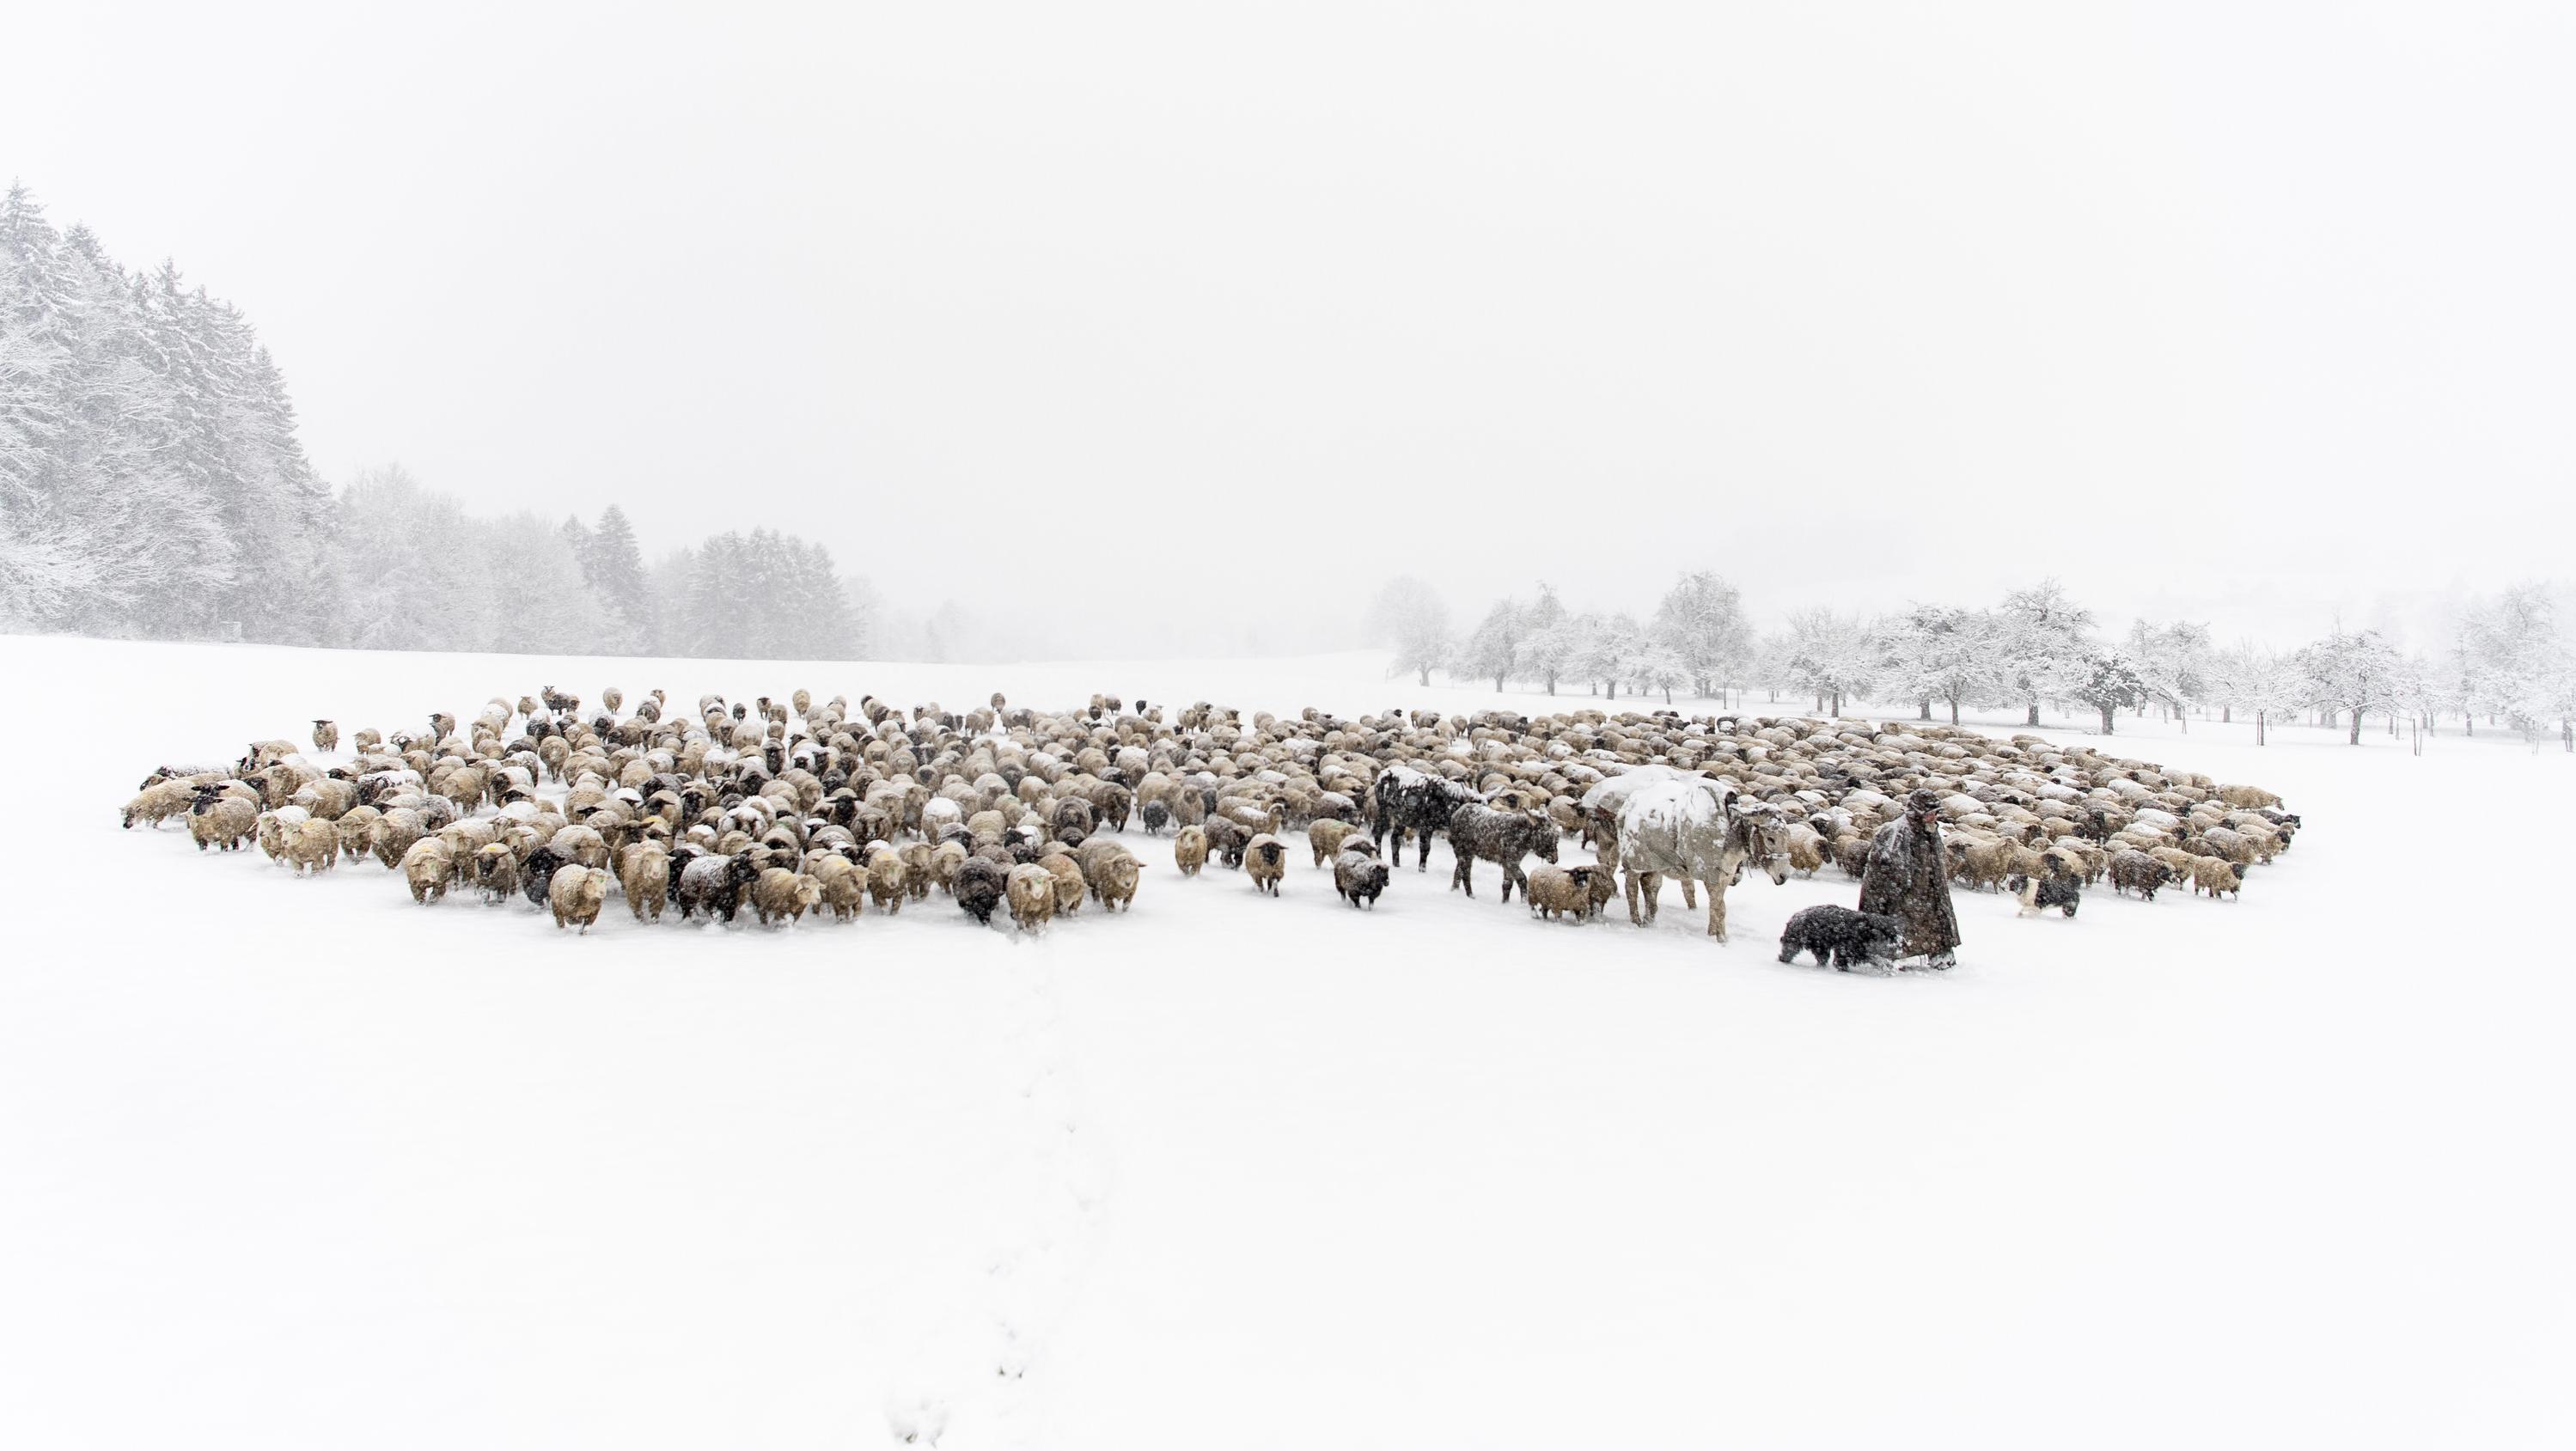 Schweiz, Oberbueren: Der Hirte Franco Vitali bringt seine Tiere auf eine andere Weide